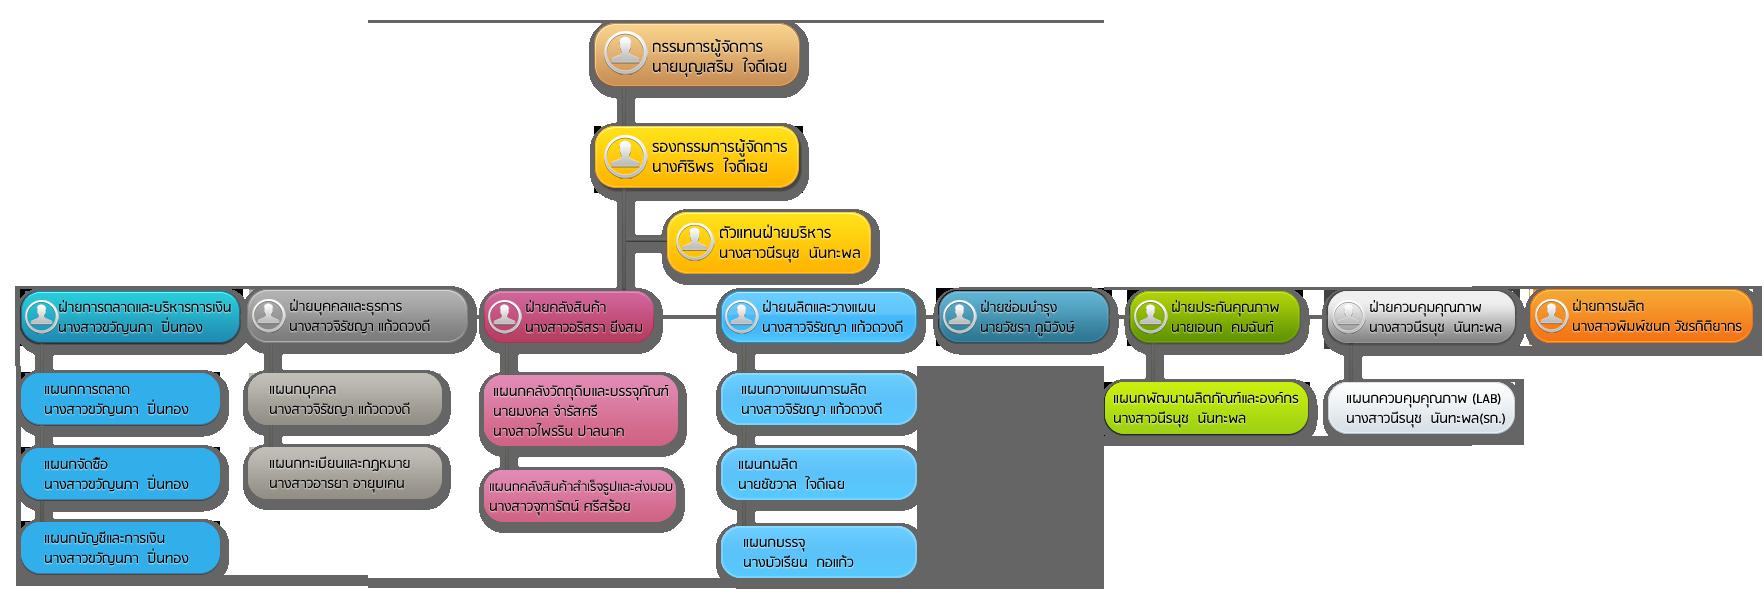 manageabout_organization_20121108193110_chart